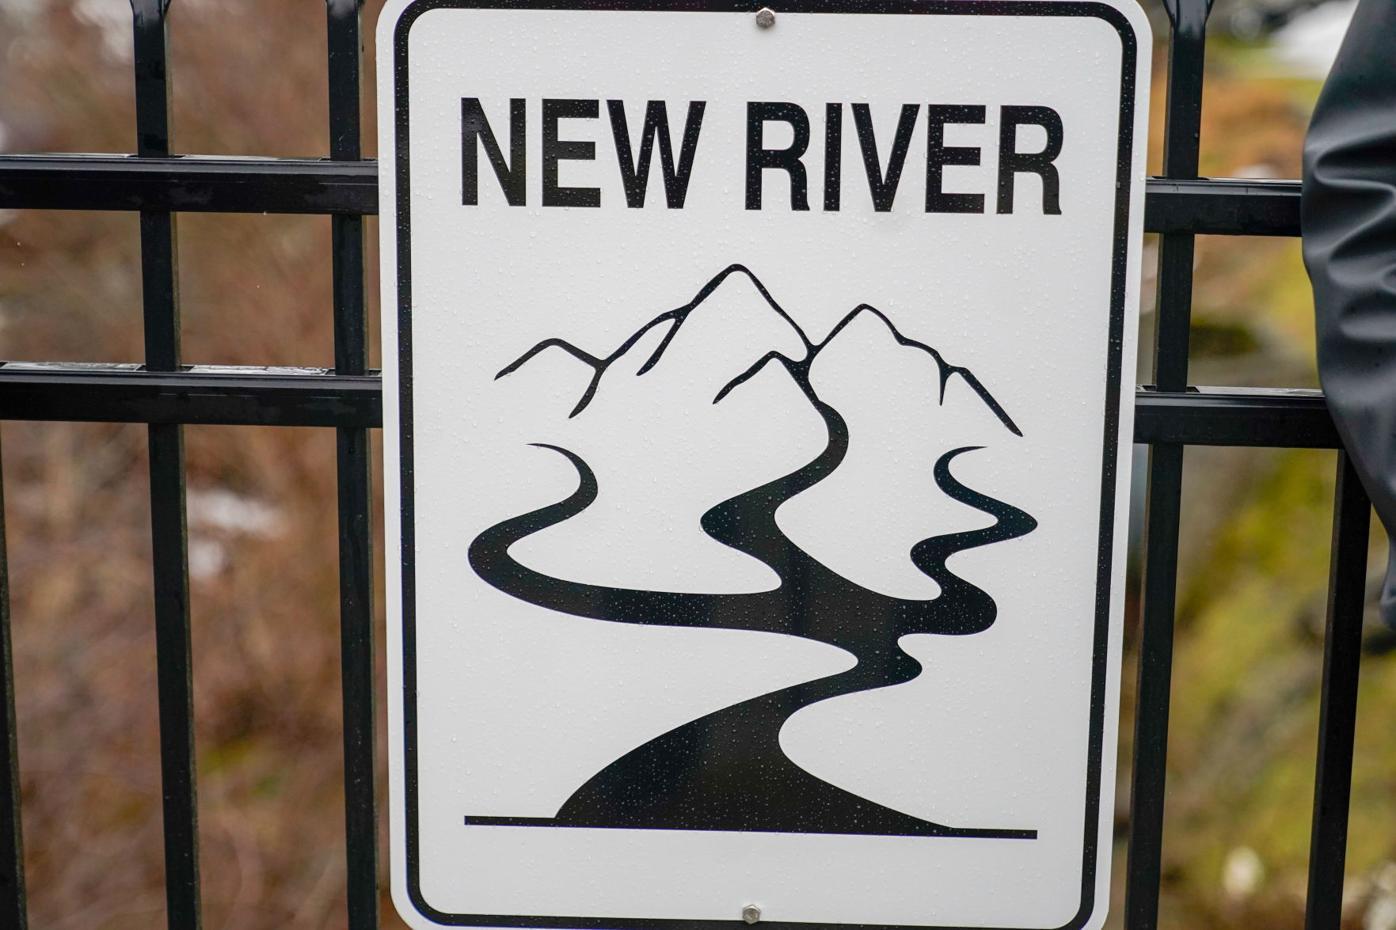 New River sign closeup